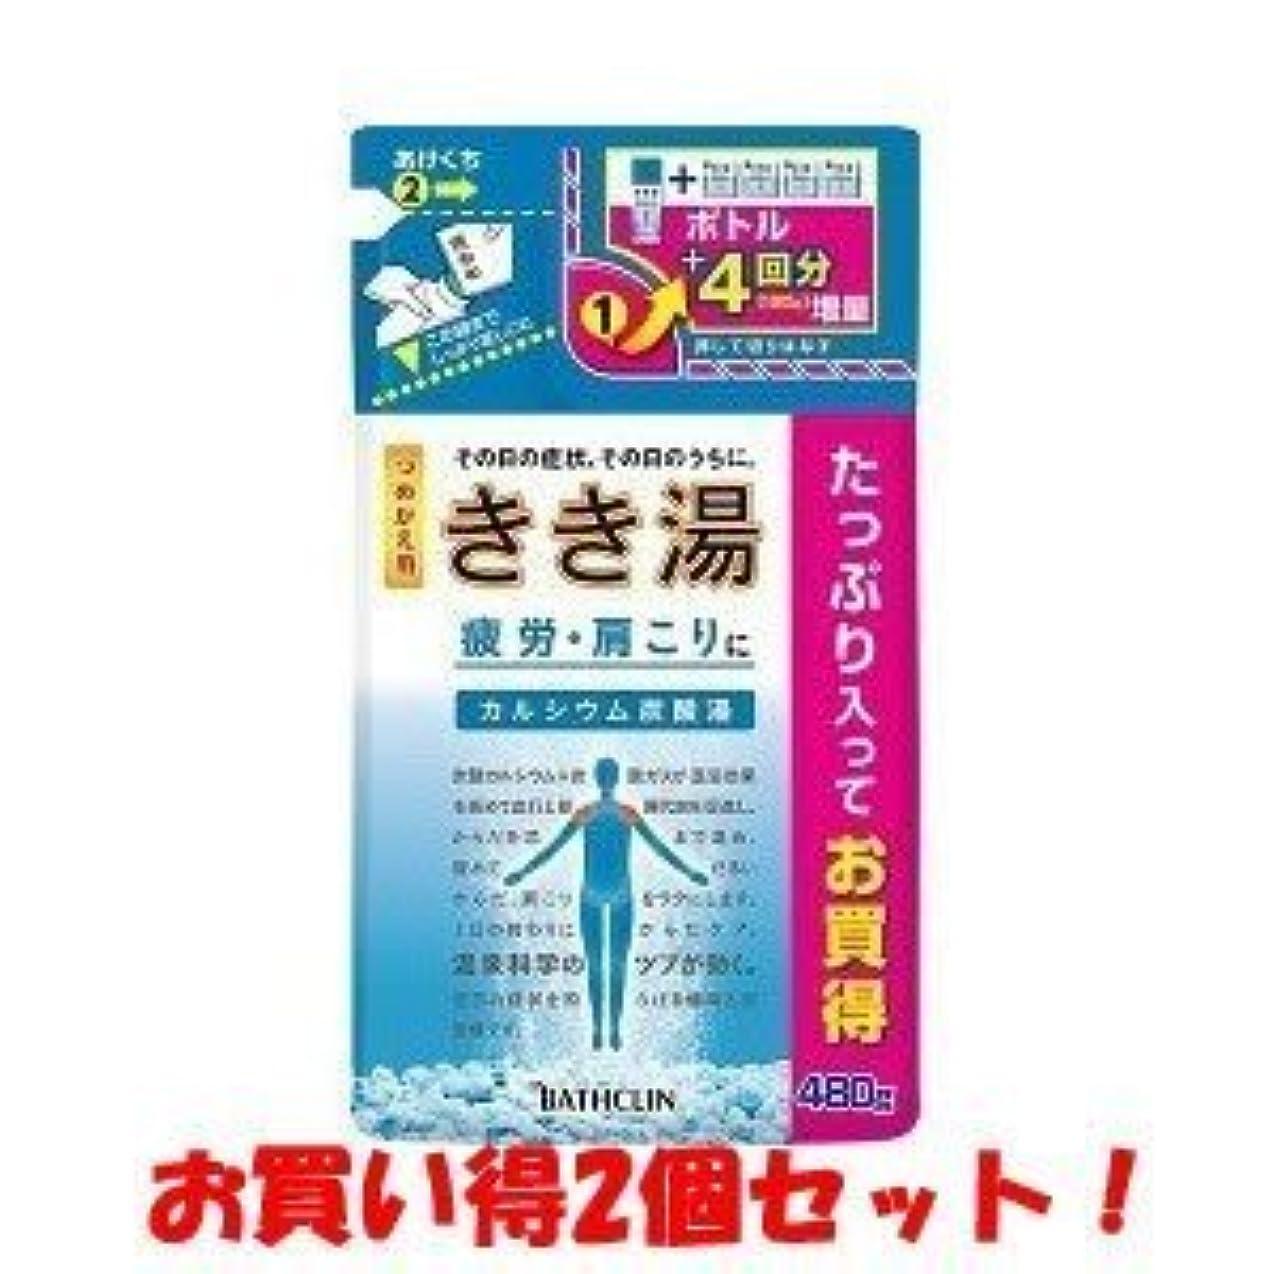 慢違反する不安定(バスクリン)きき湯 カルシウム炭酸湯 つめかえ用 480g(医薬部外品)(お買い得2個セット)